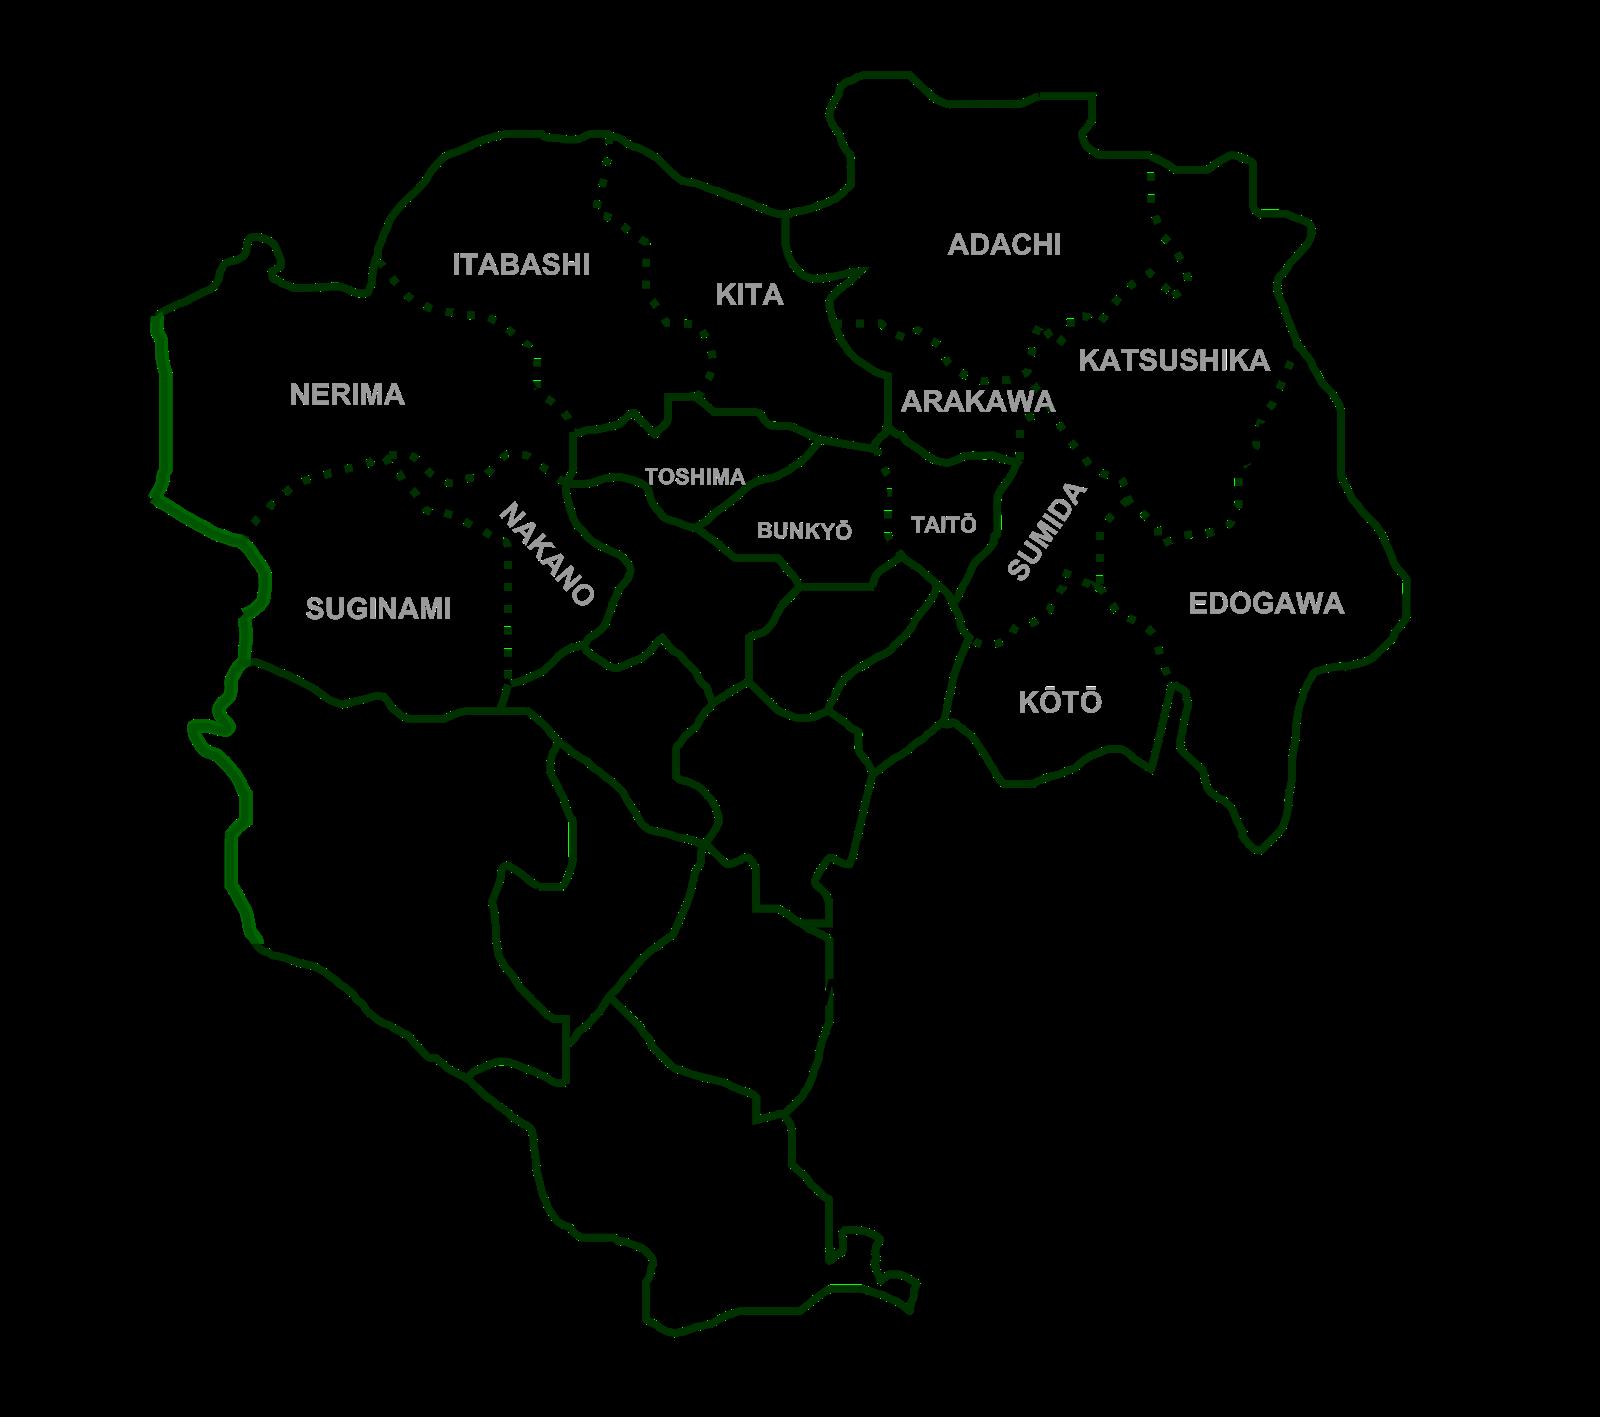 Tokyo special wards map